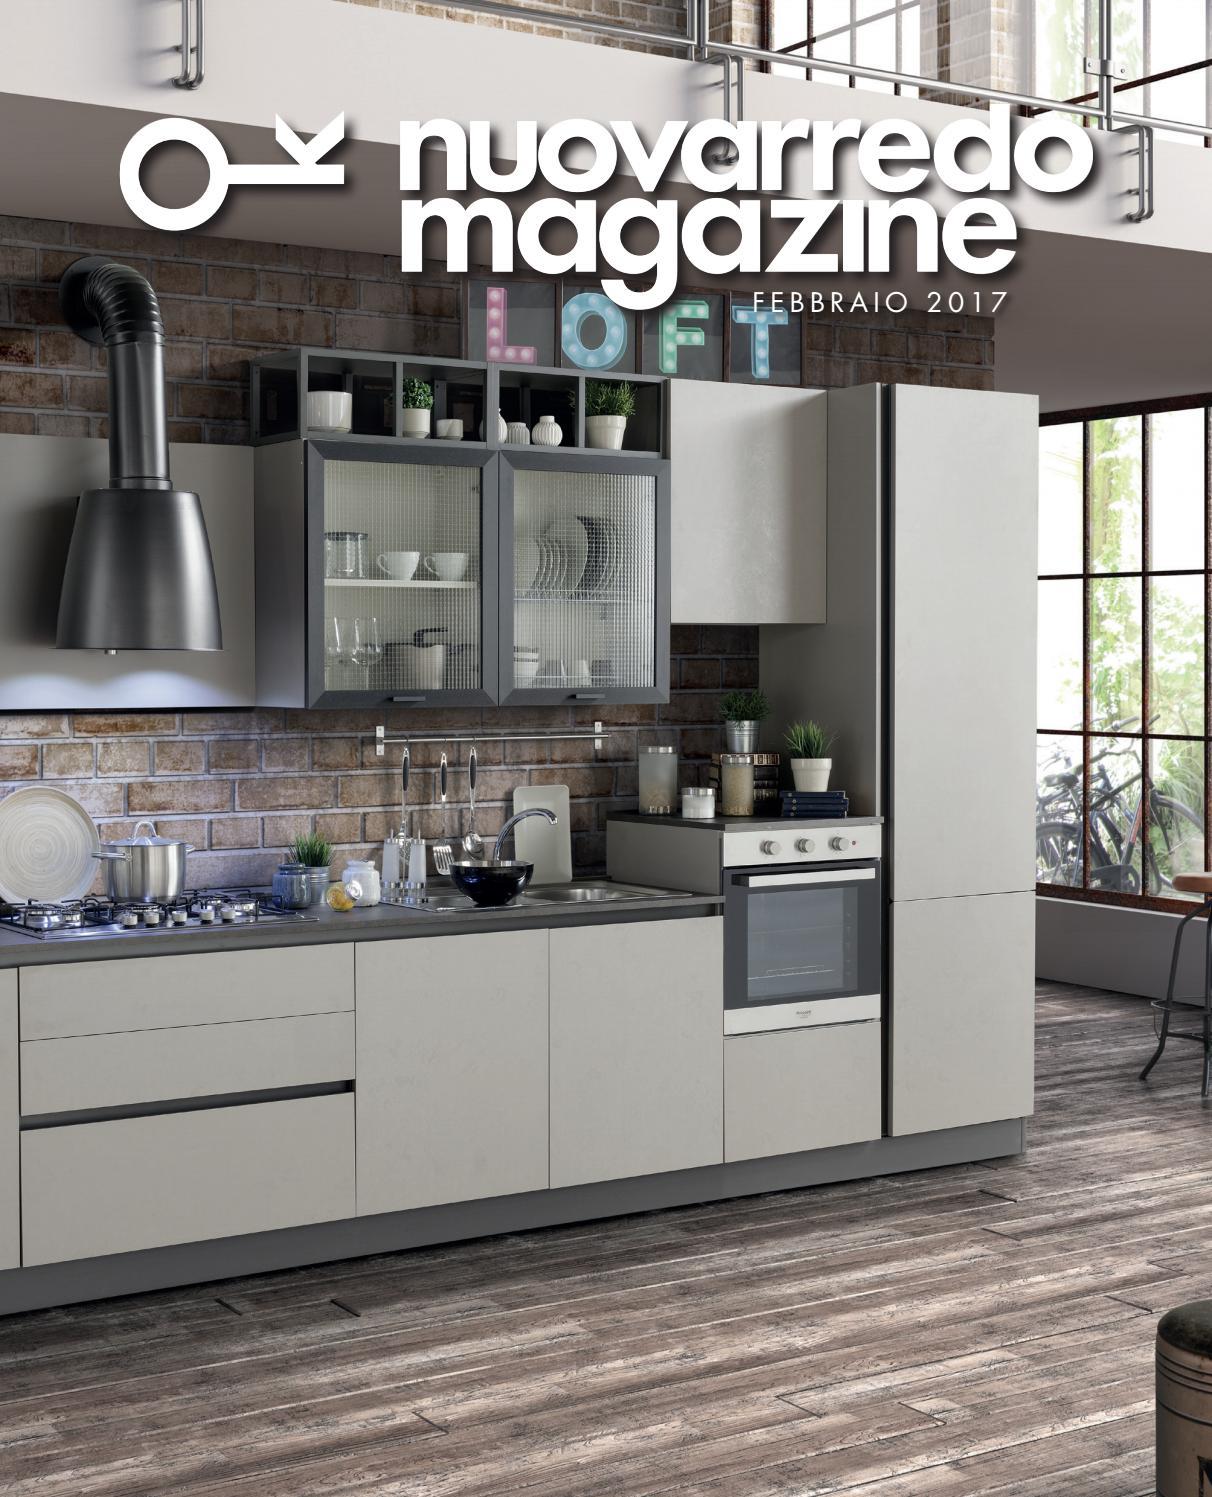 Tanti prodotti per la tua casa dal letto ai divani. Nuovarredo Magazine Febbraio 2017 By Nuovarredo Issuu